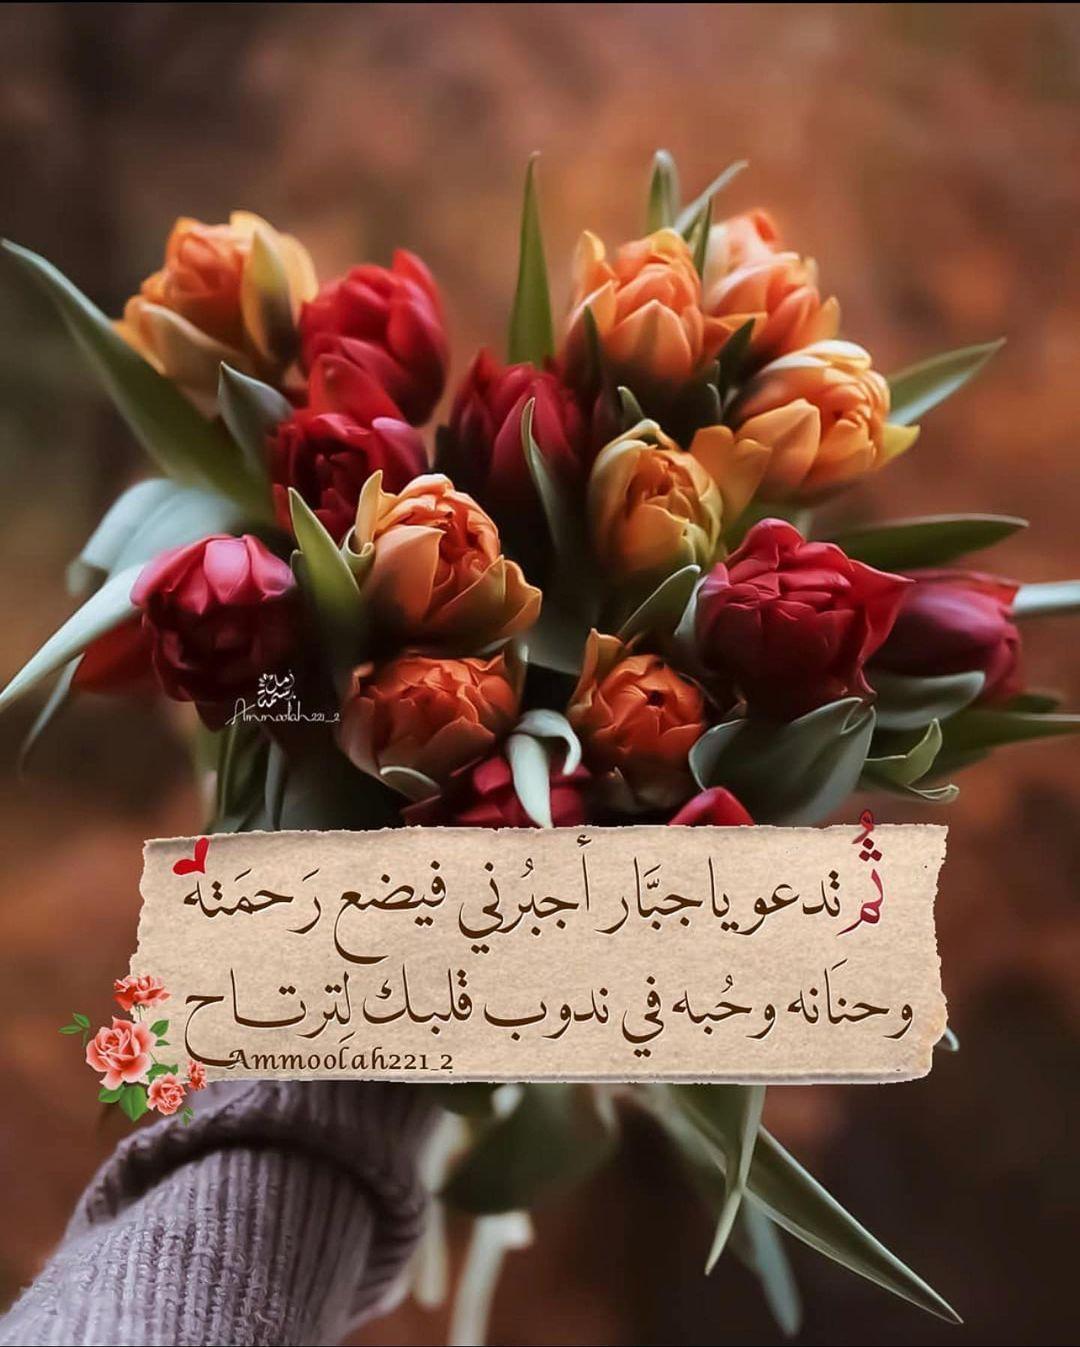 نشر التصاميم المدينة المنورة On Instagram اكتب شيء تؤجر عليه استغفرالله الجمعة اكسبلور اذكار In 2021 Quran Quotes Love Funny Arabic Quotes Quran Quotes